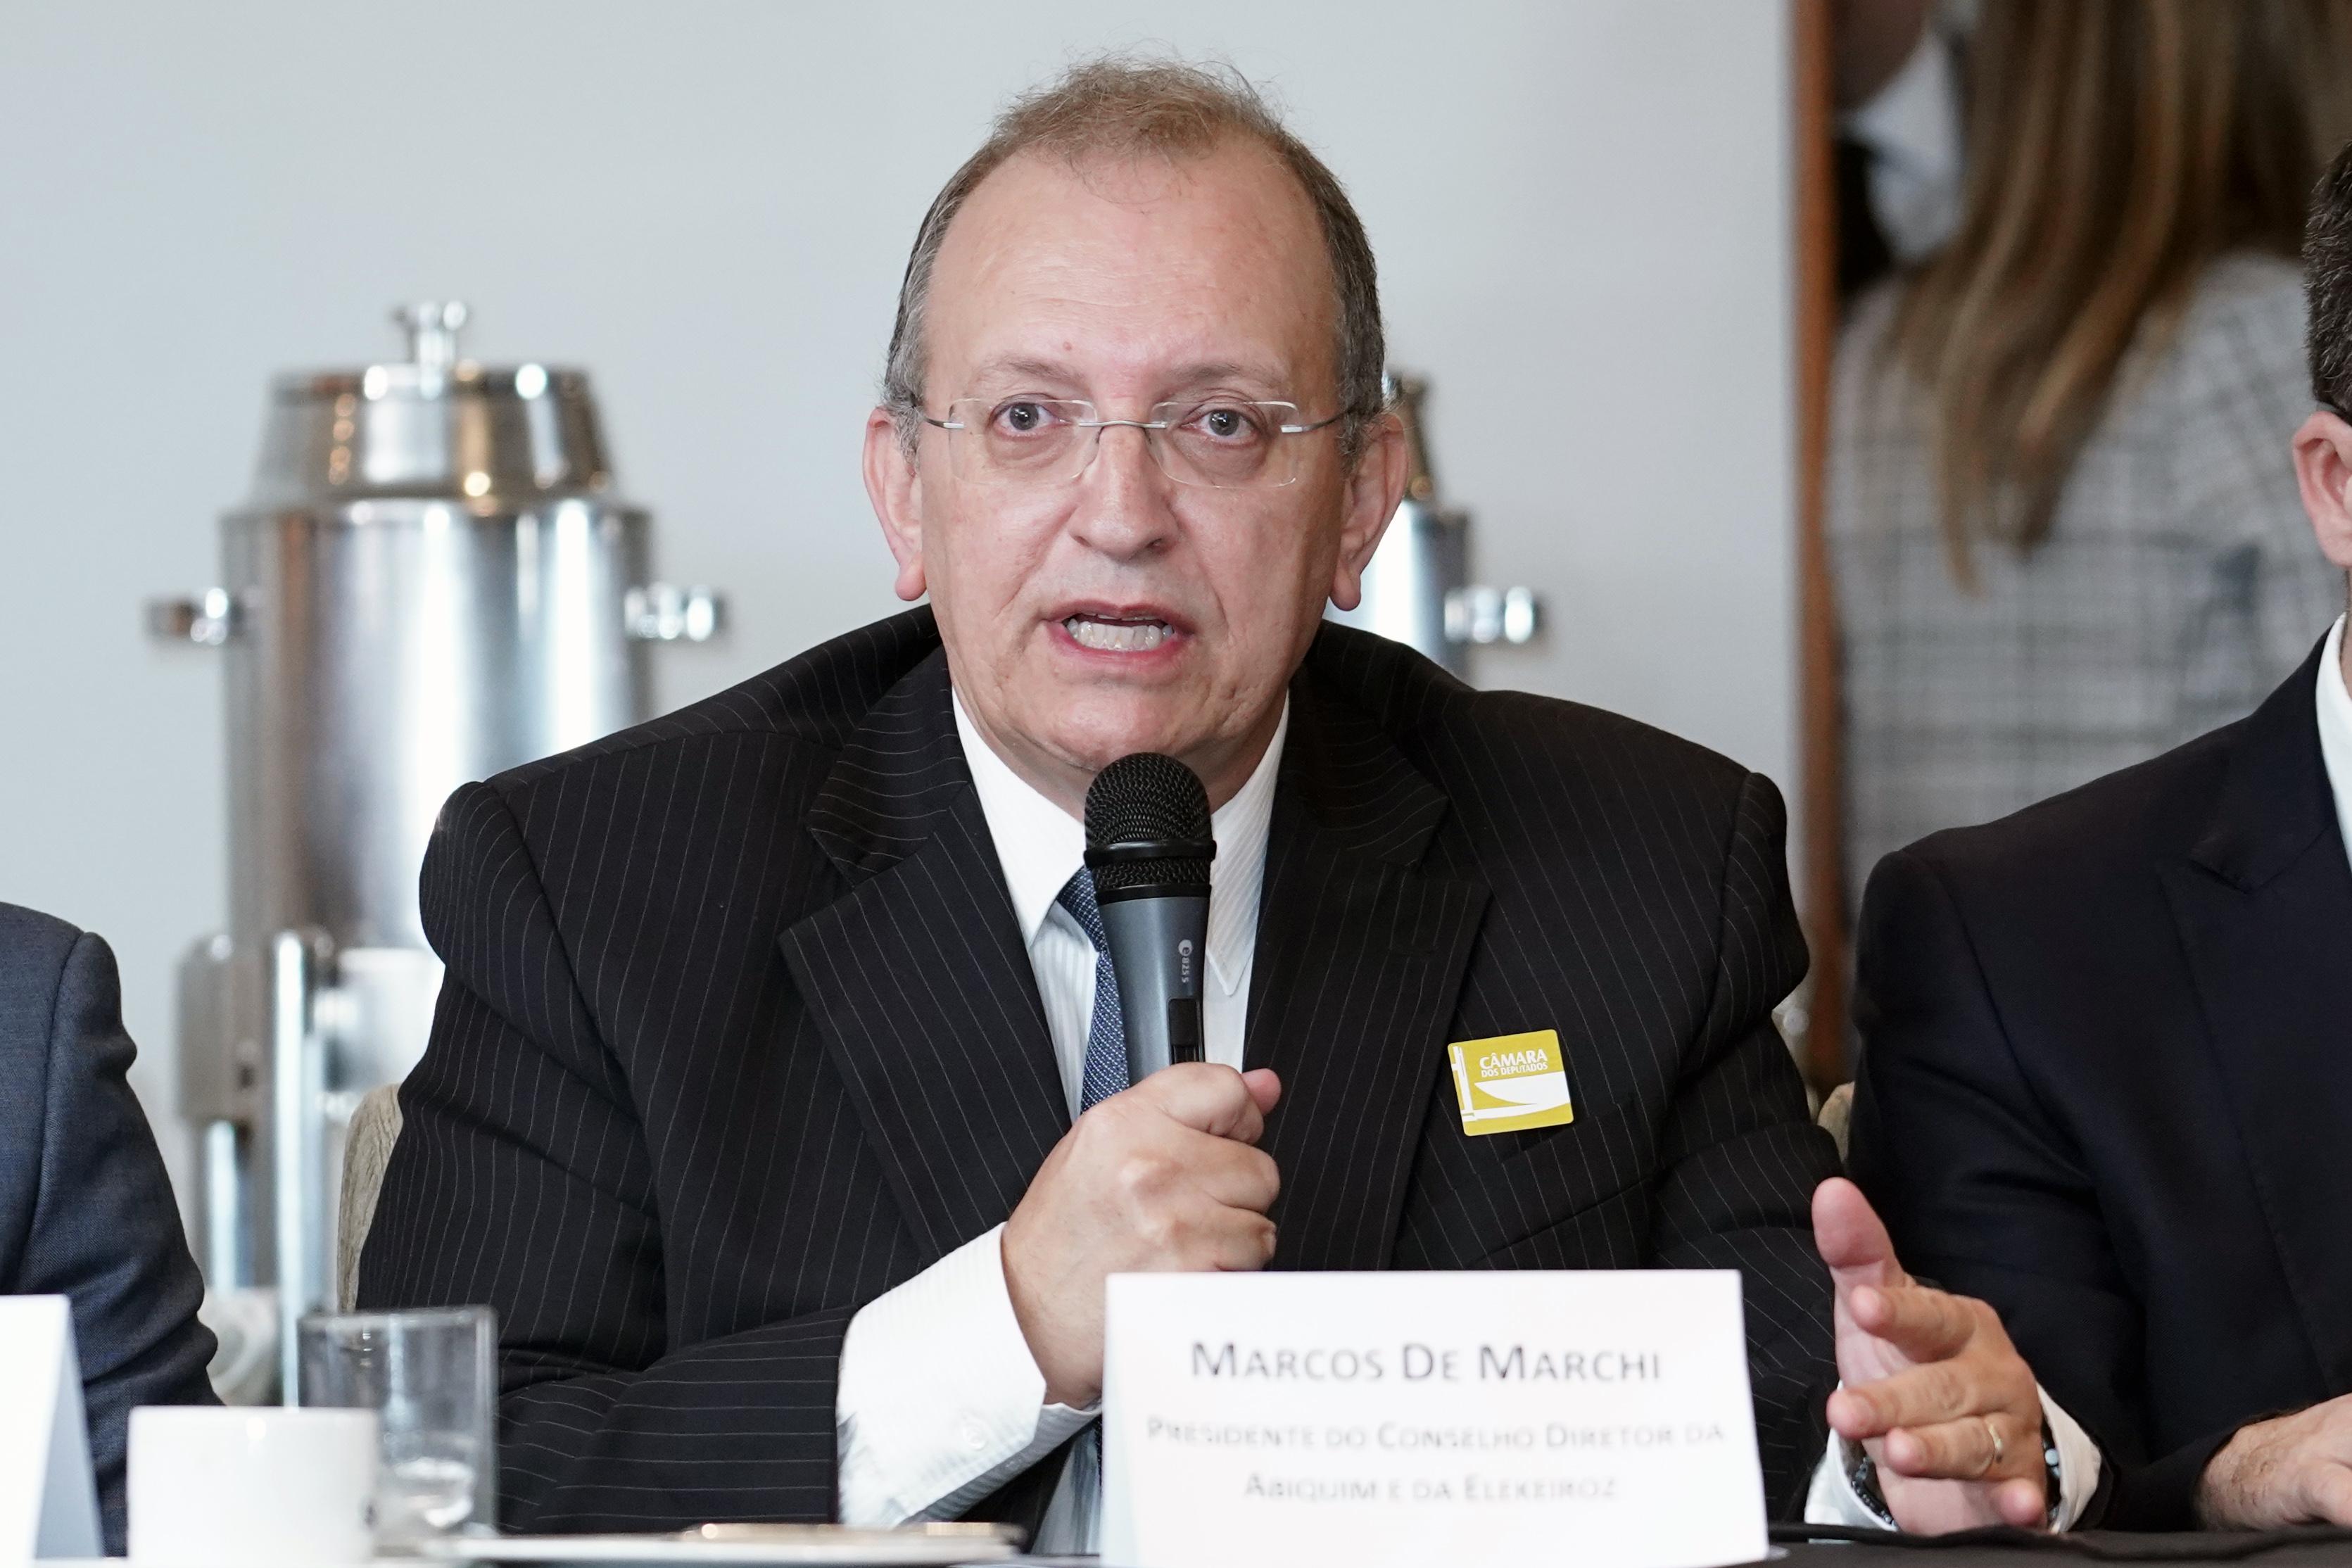 Presidente do Conselho Diretor da Associação Brasileira da Indústria Química (Abiquim), Marcos De Marchi